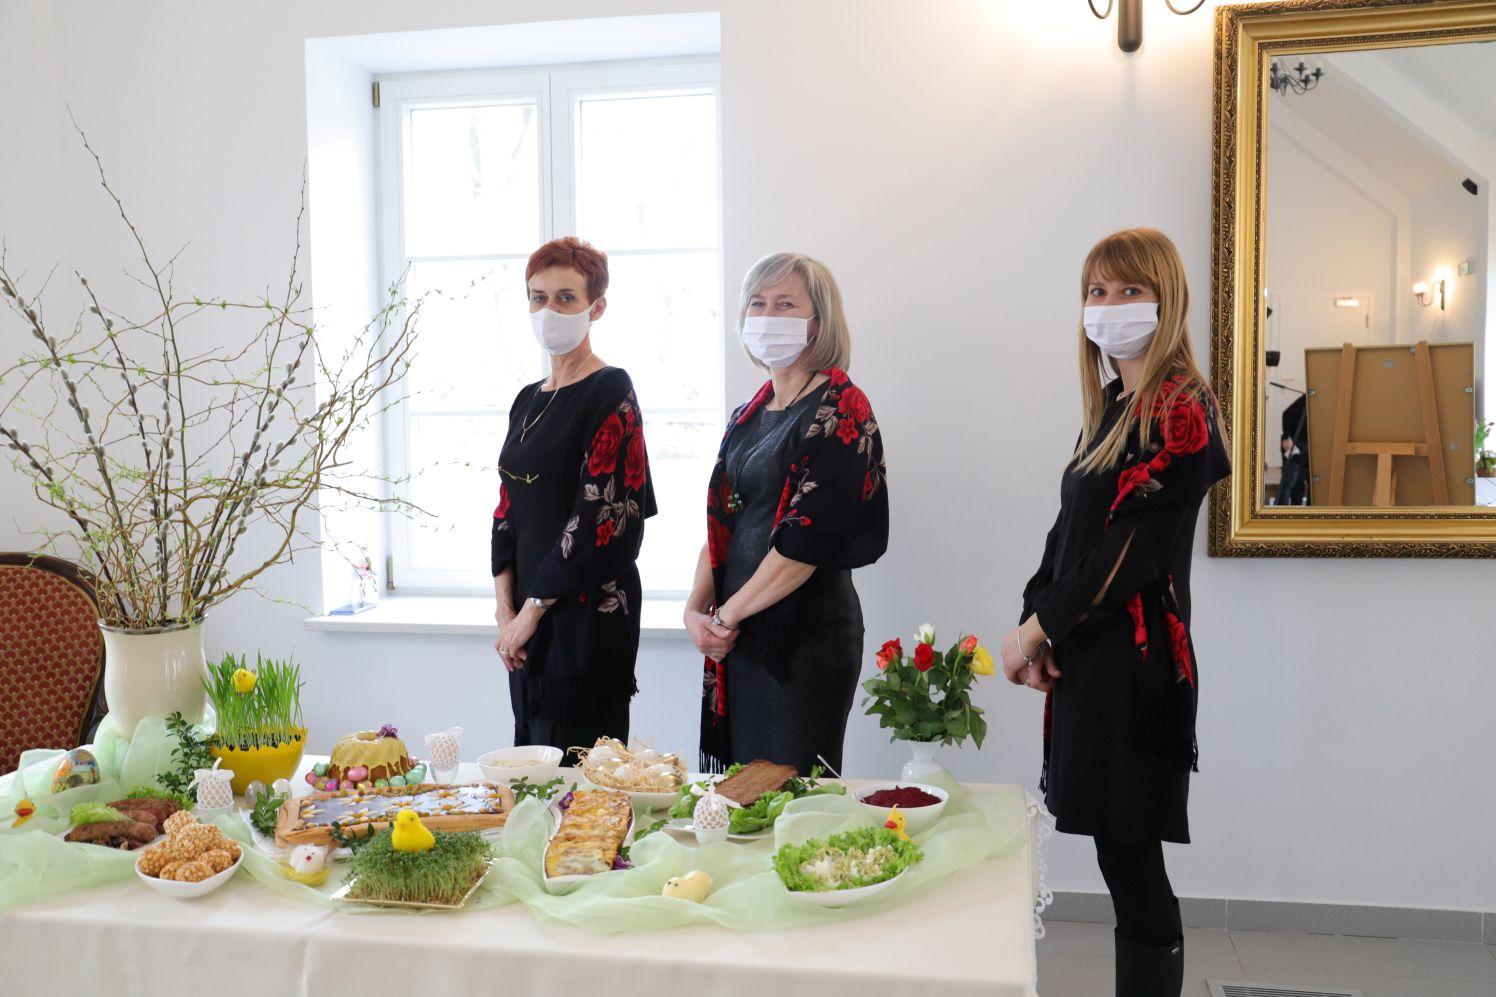 [ZDJĘCIA] Mieszkanki gminy Kutno przygotowały wielkanocne stoły. Chcą promować polską tradycję - Zdjęcie główne